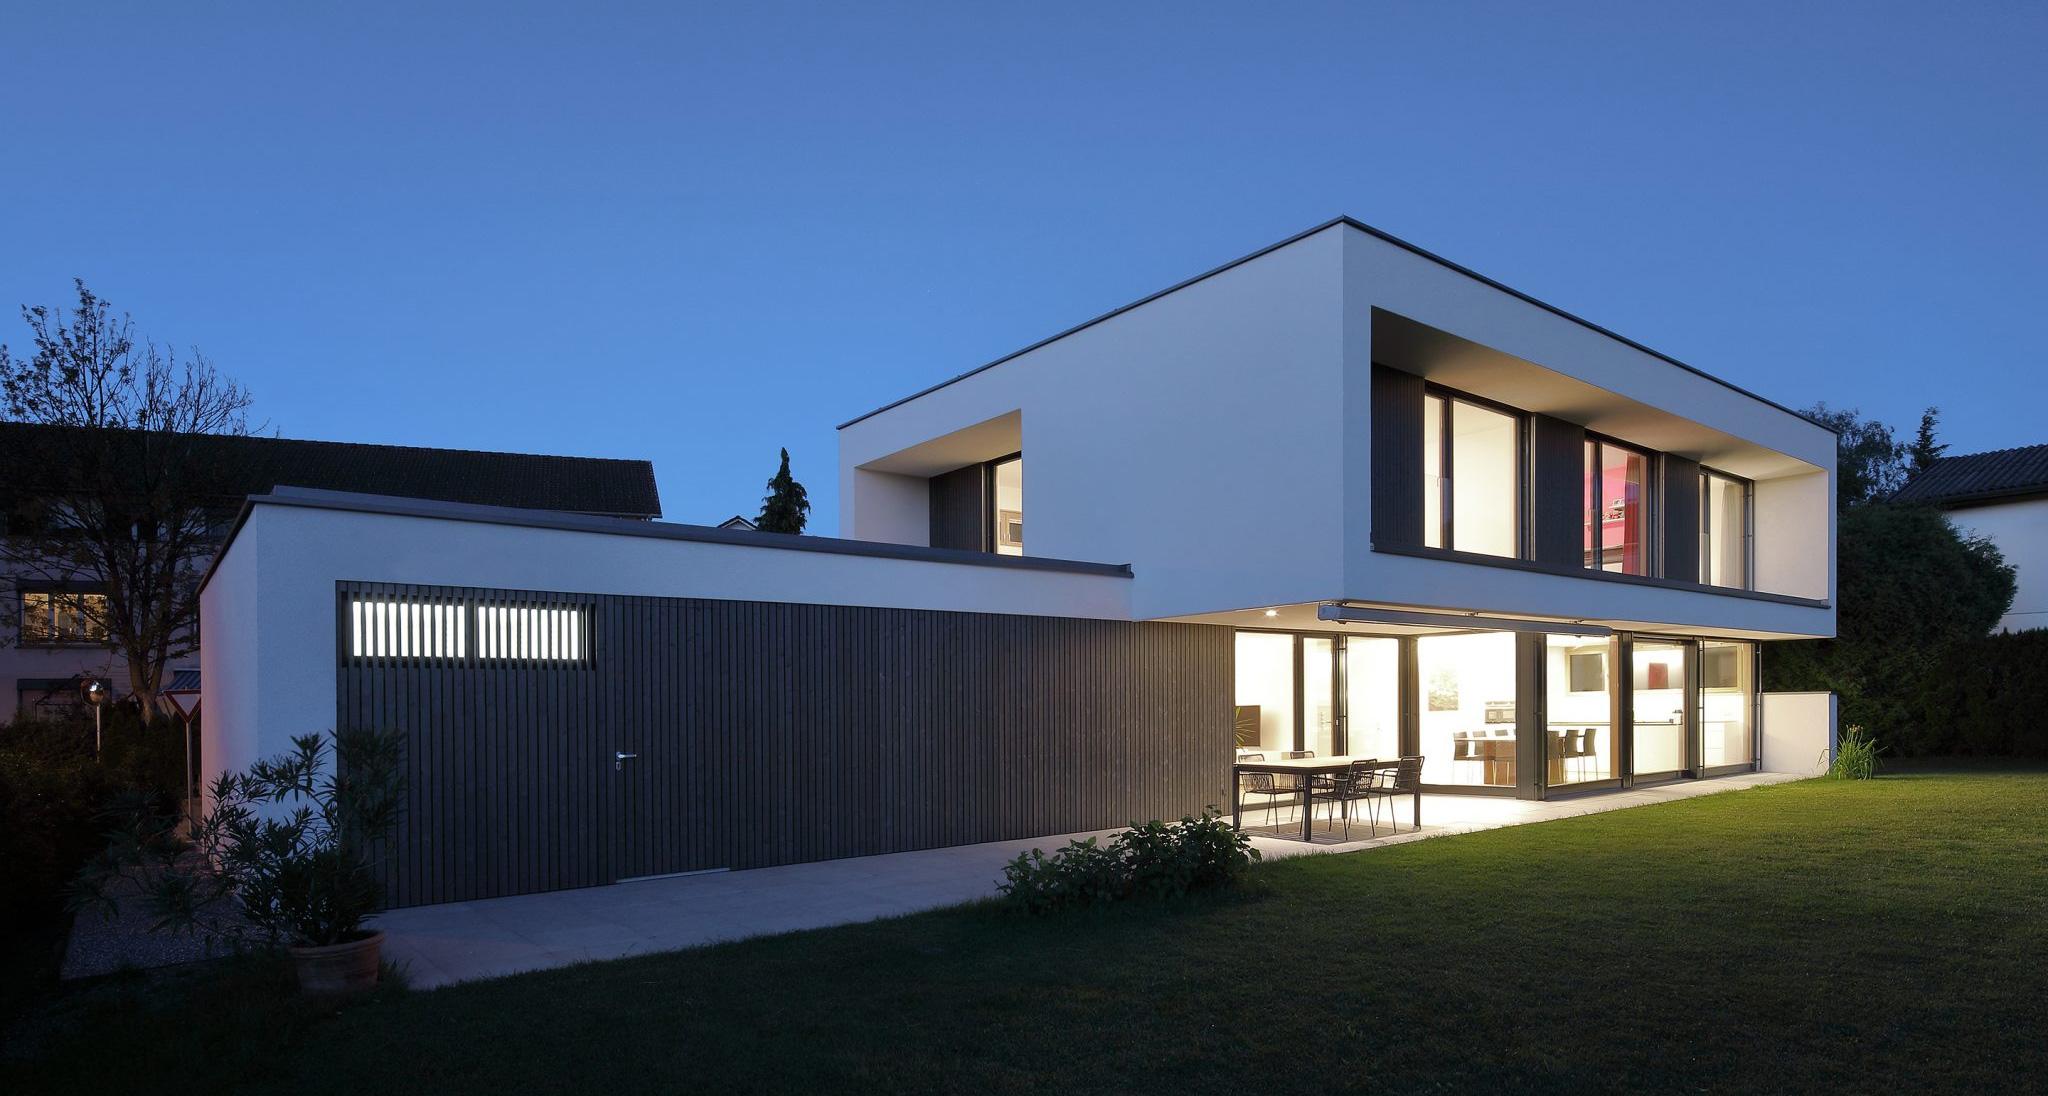 Projekt_Wichnerstrasse